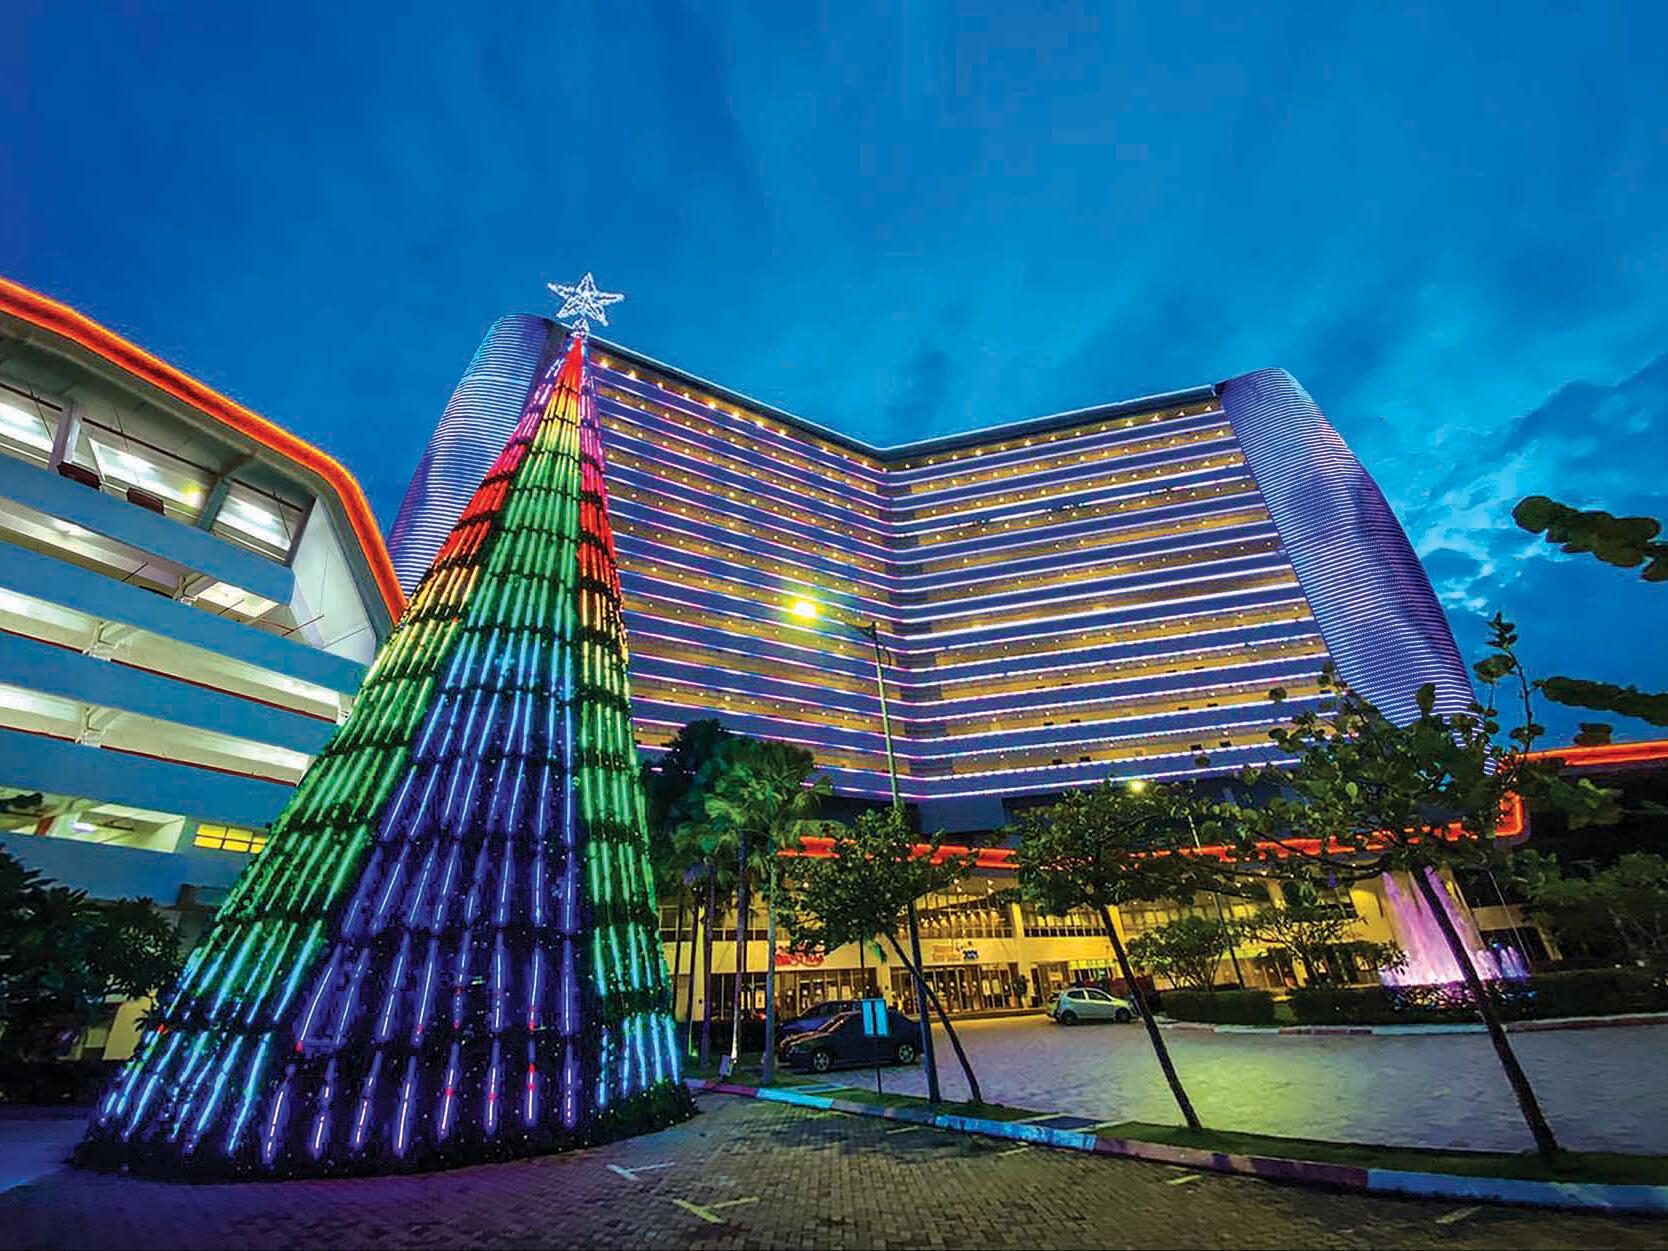 圣诞彩灯照亮马来西亚大红花